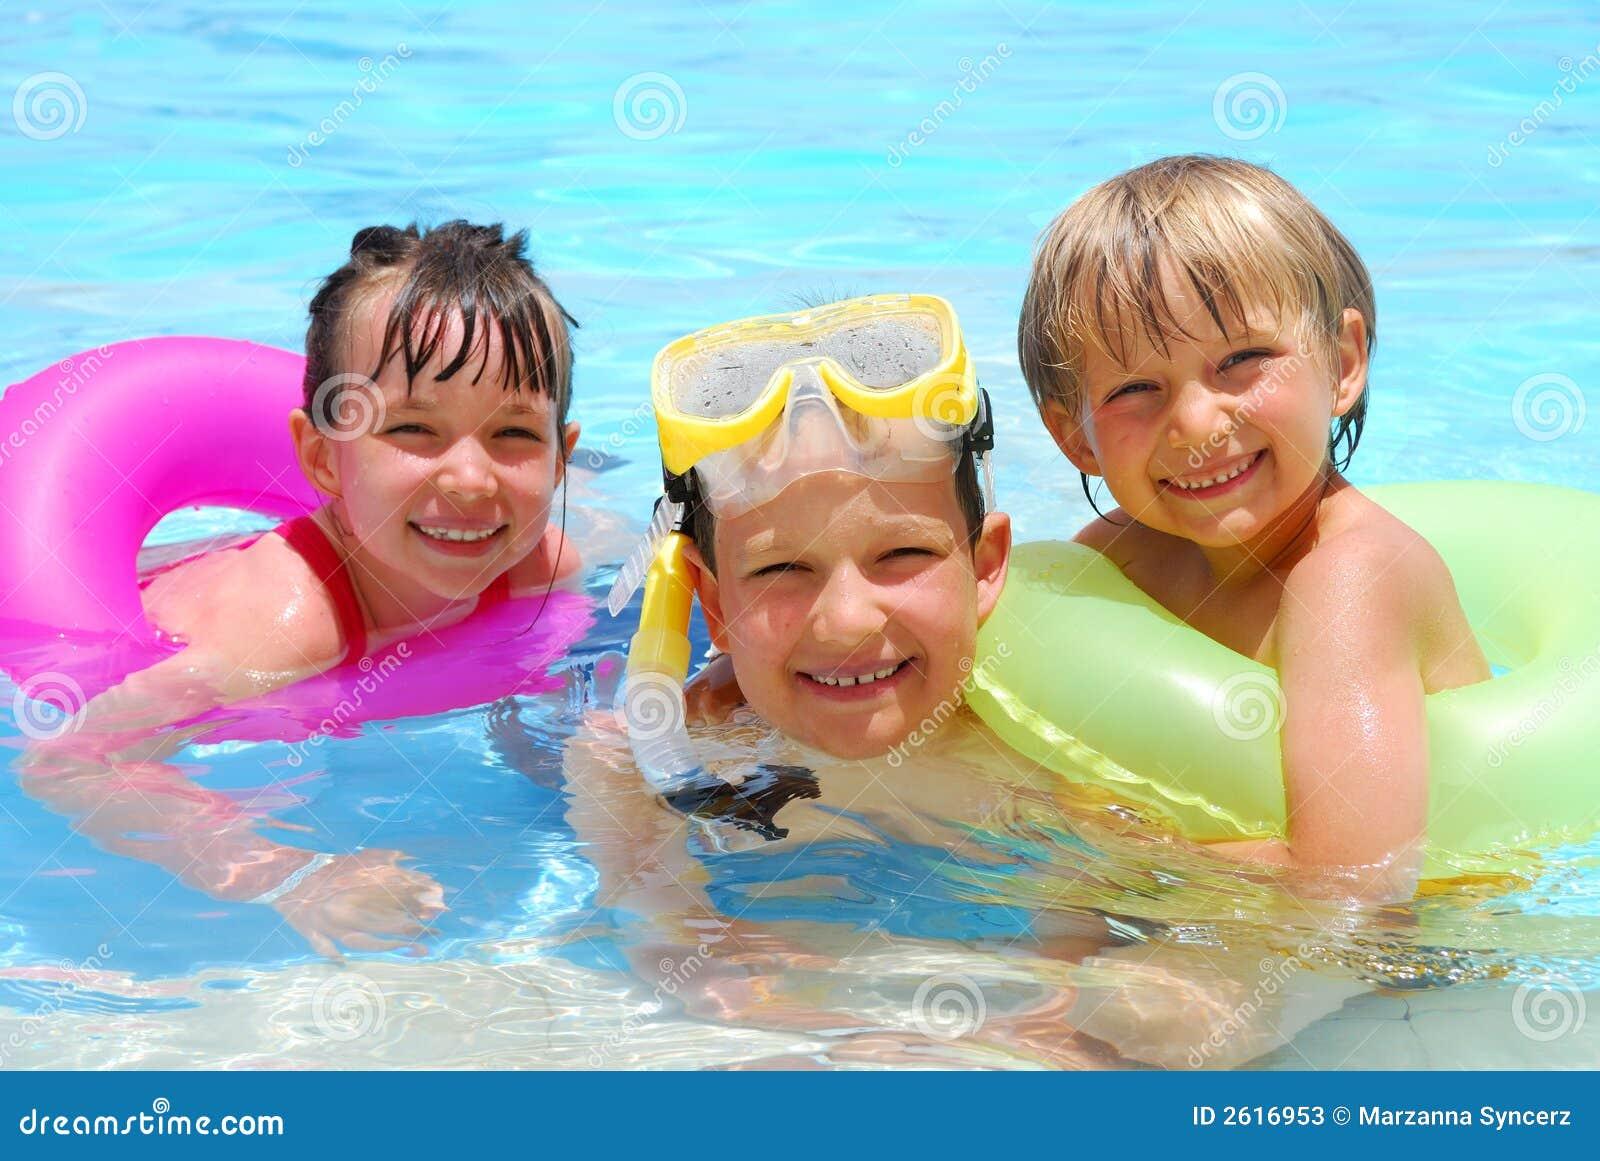 Ni os felices fotos de archivo imagen 2616953 for Clases de piscina para bebes